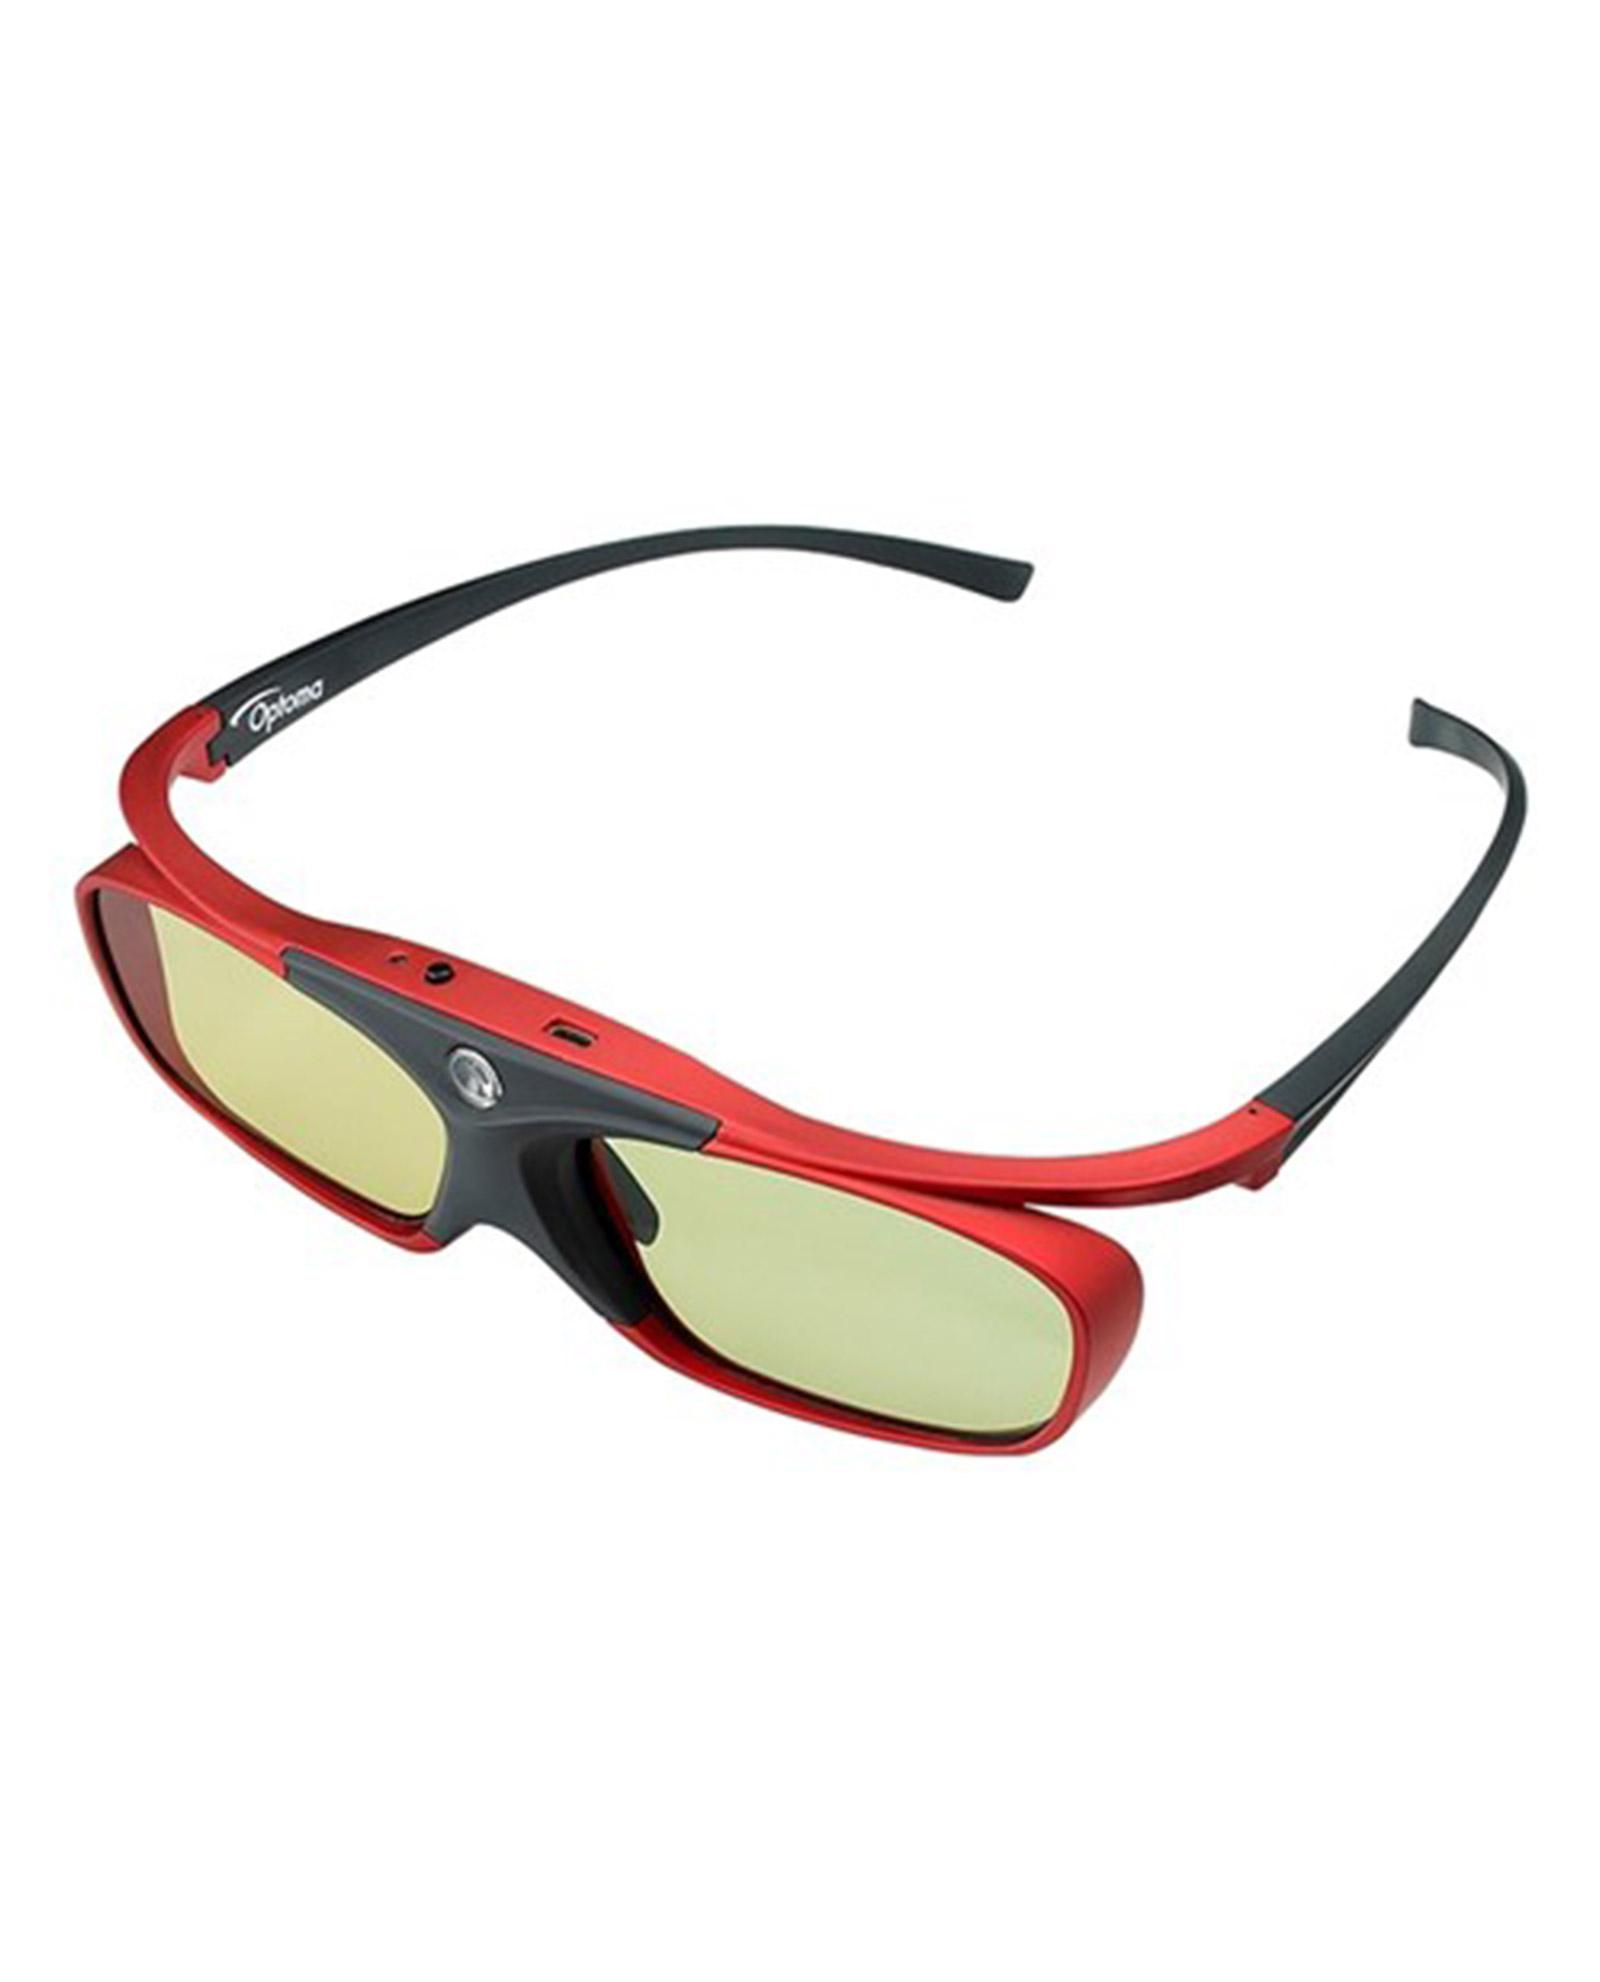 Optoma Dlp Link 144hz 3d Glasses